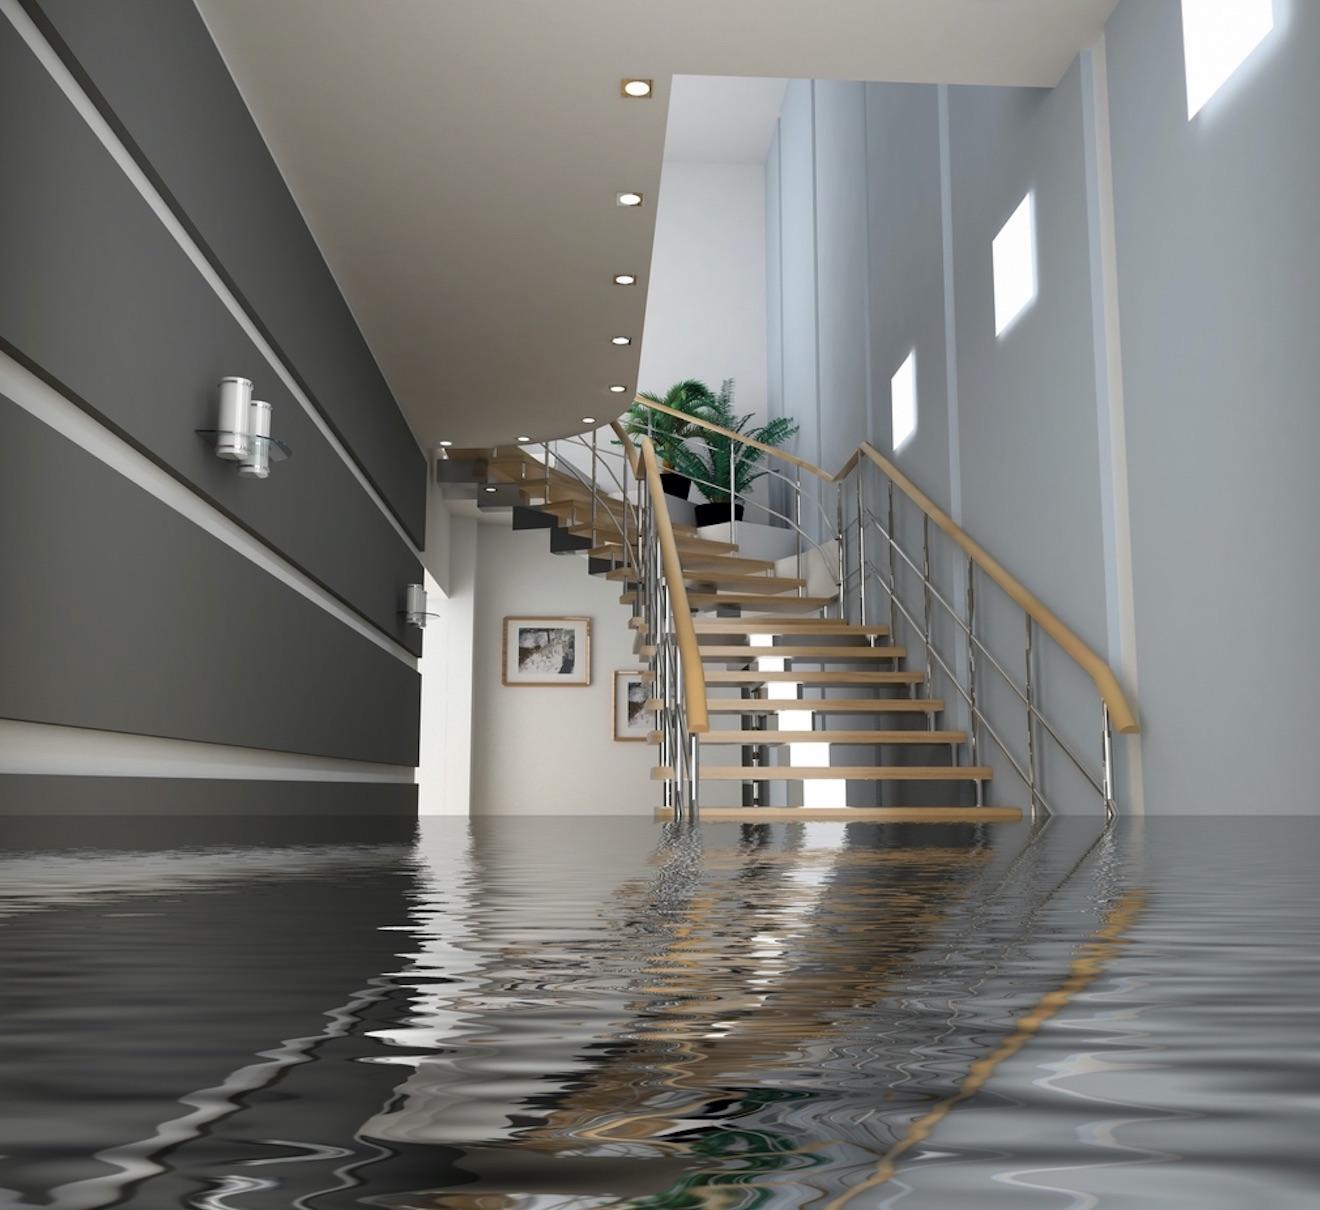 inondation de l'installation électrique: que faire? - - Renovation Installation Electrique Maison